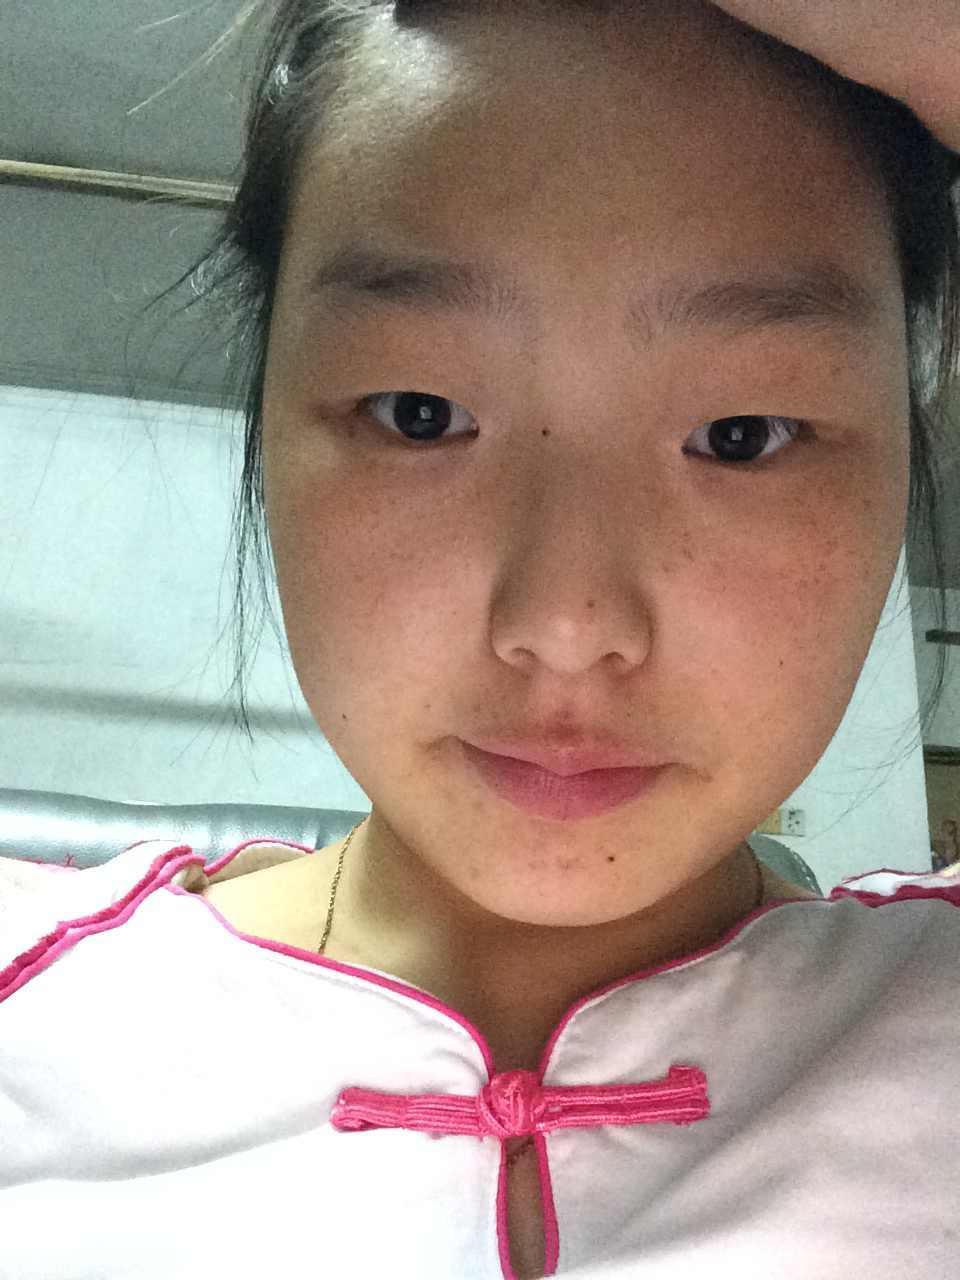 做韩式双眼皮效果好吗?还是做埋线的,已经满十八岁了,父母也支持呢,想改变改变。